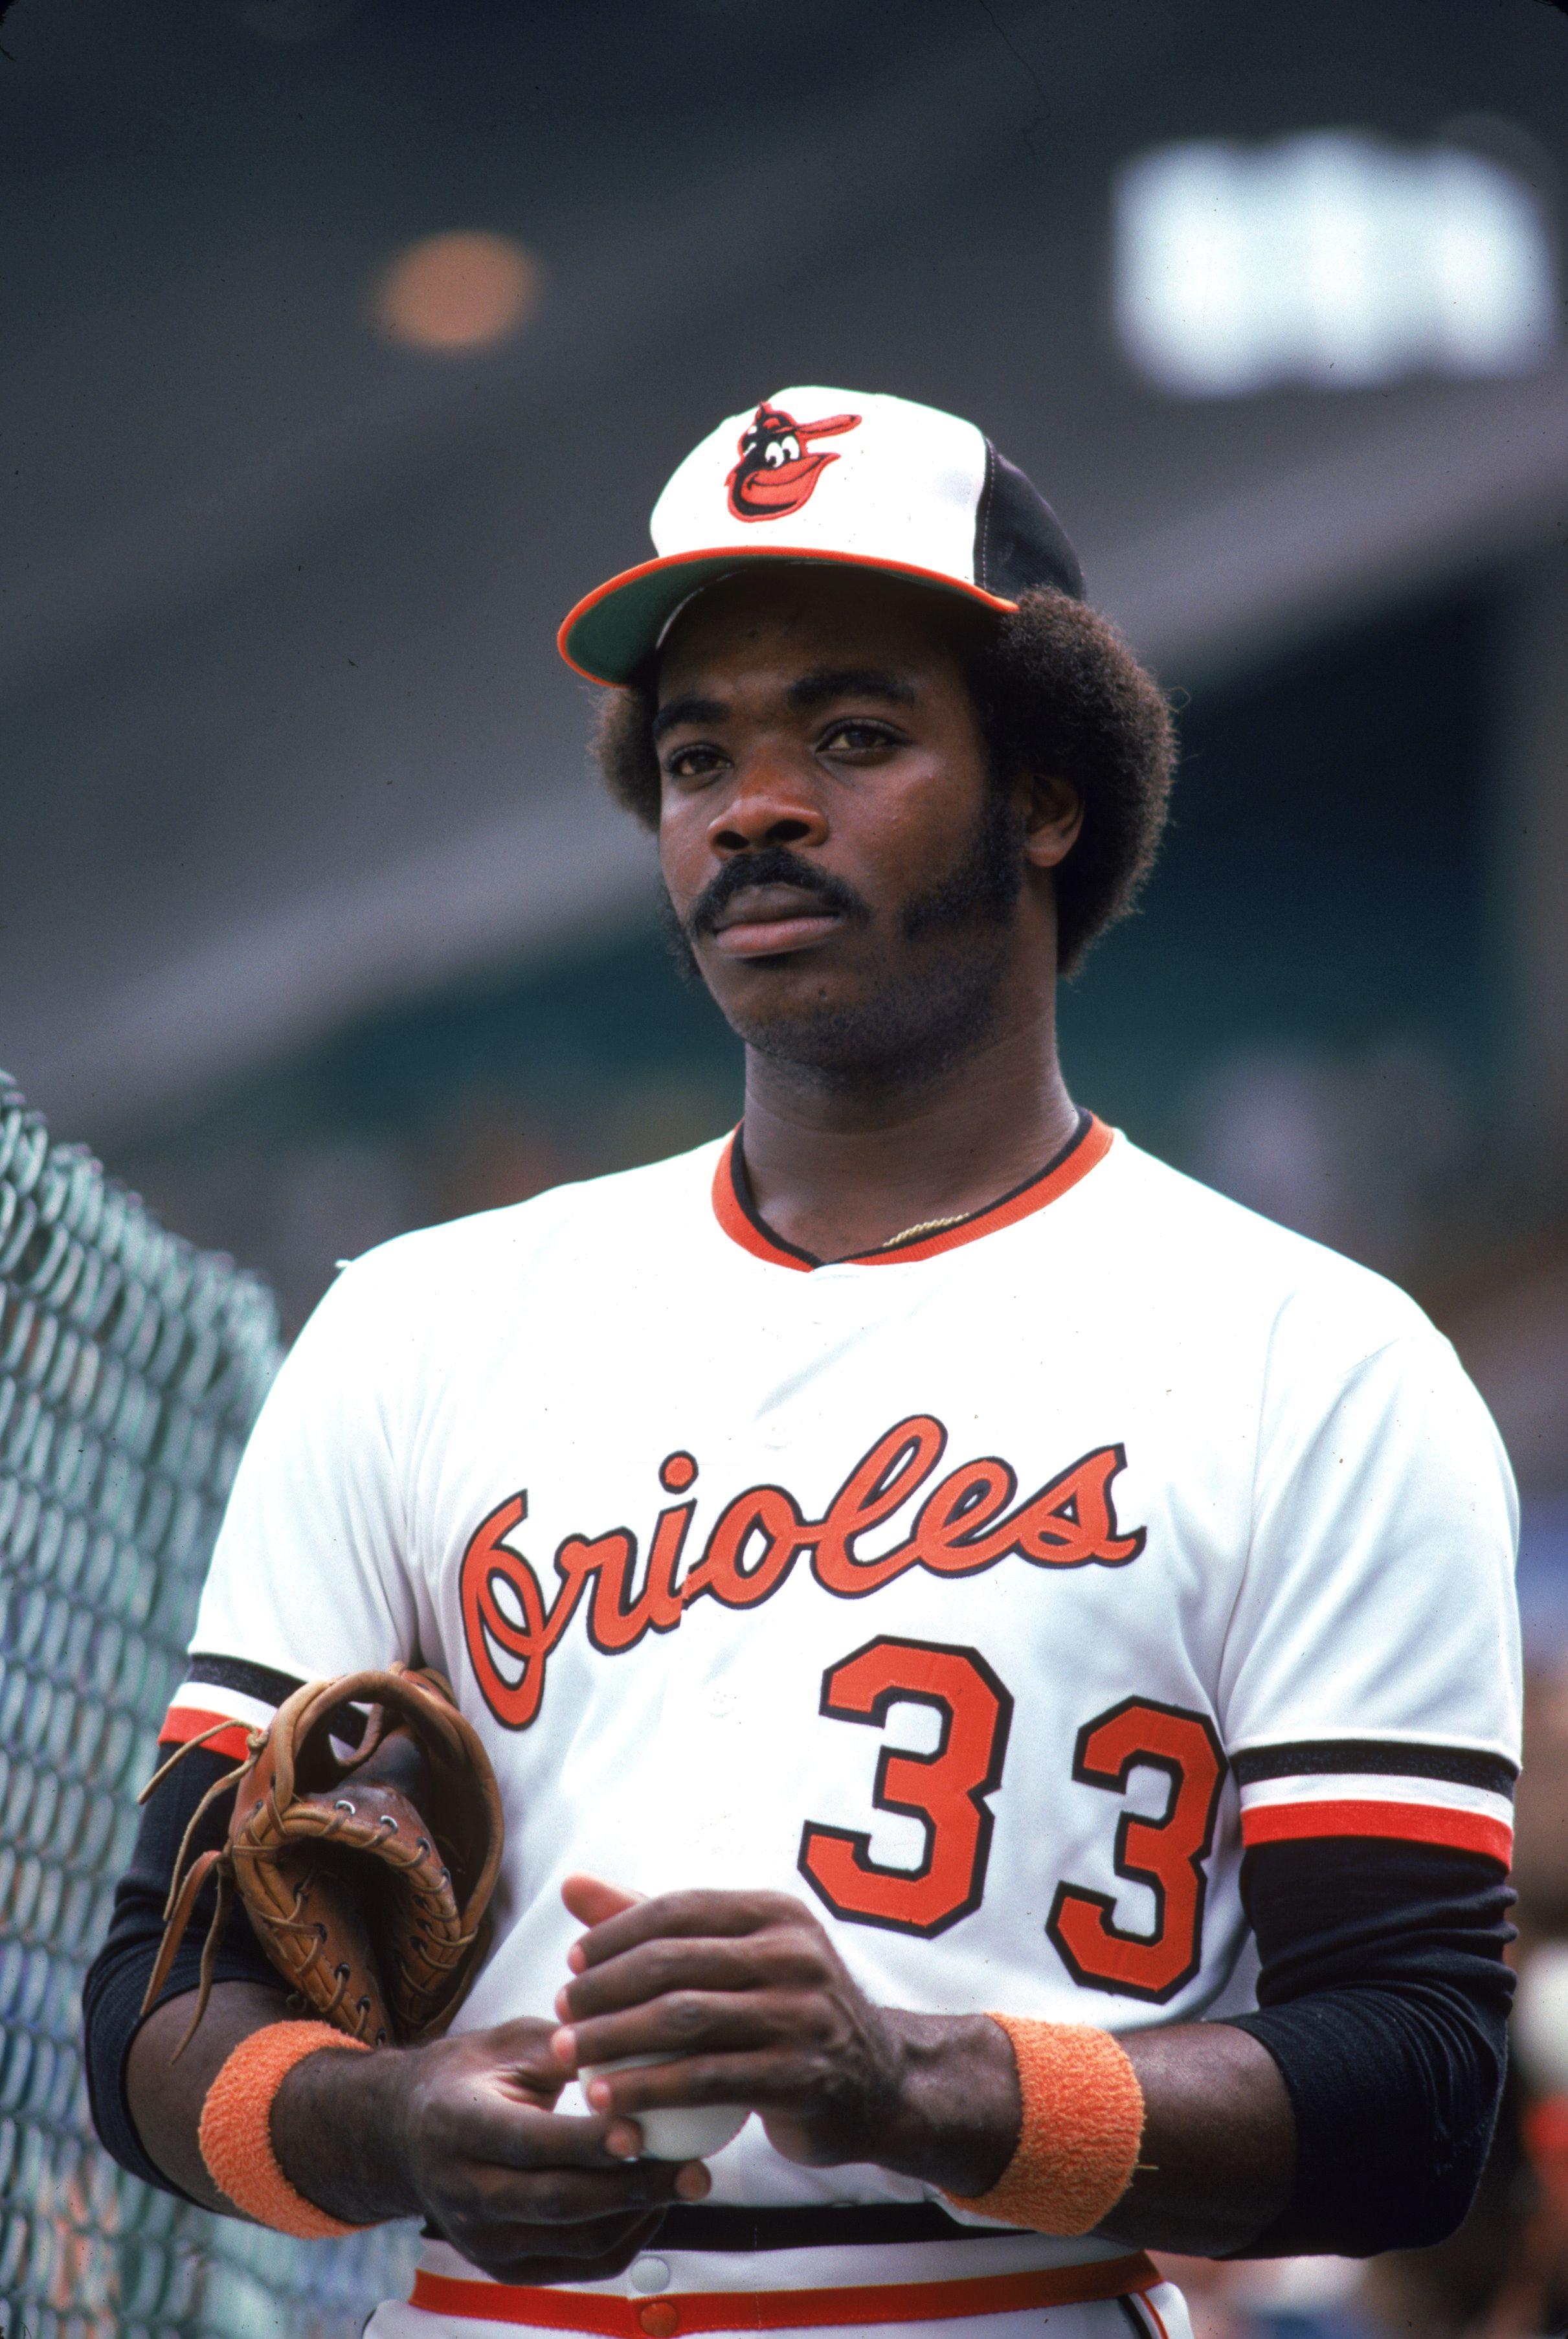 42 best baseball images on pinterest baseball baseball promposals